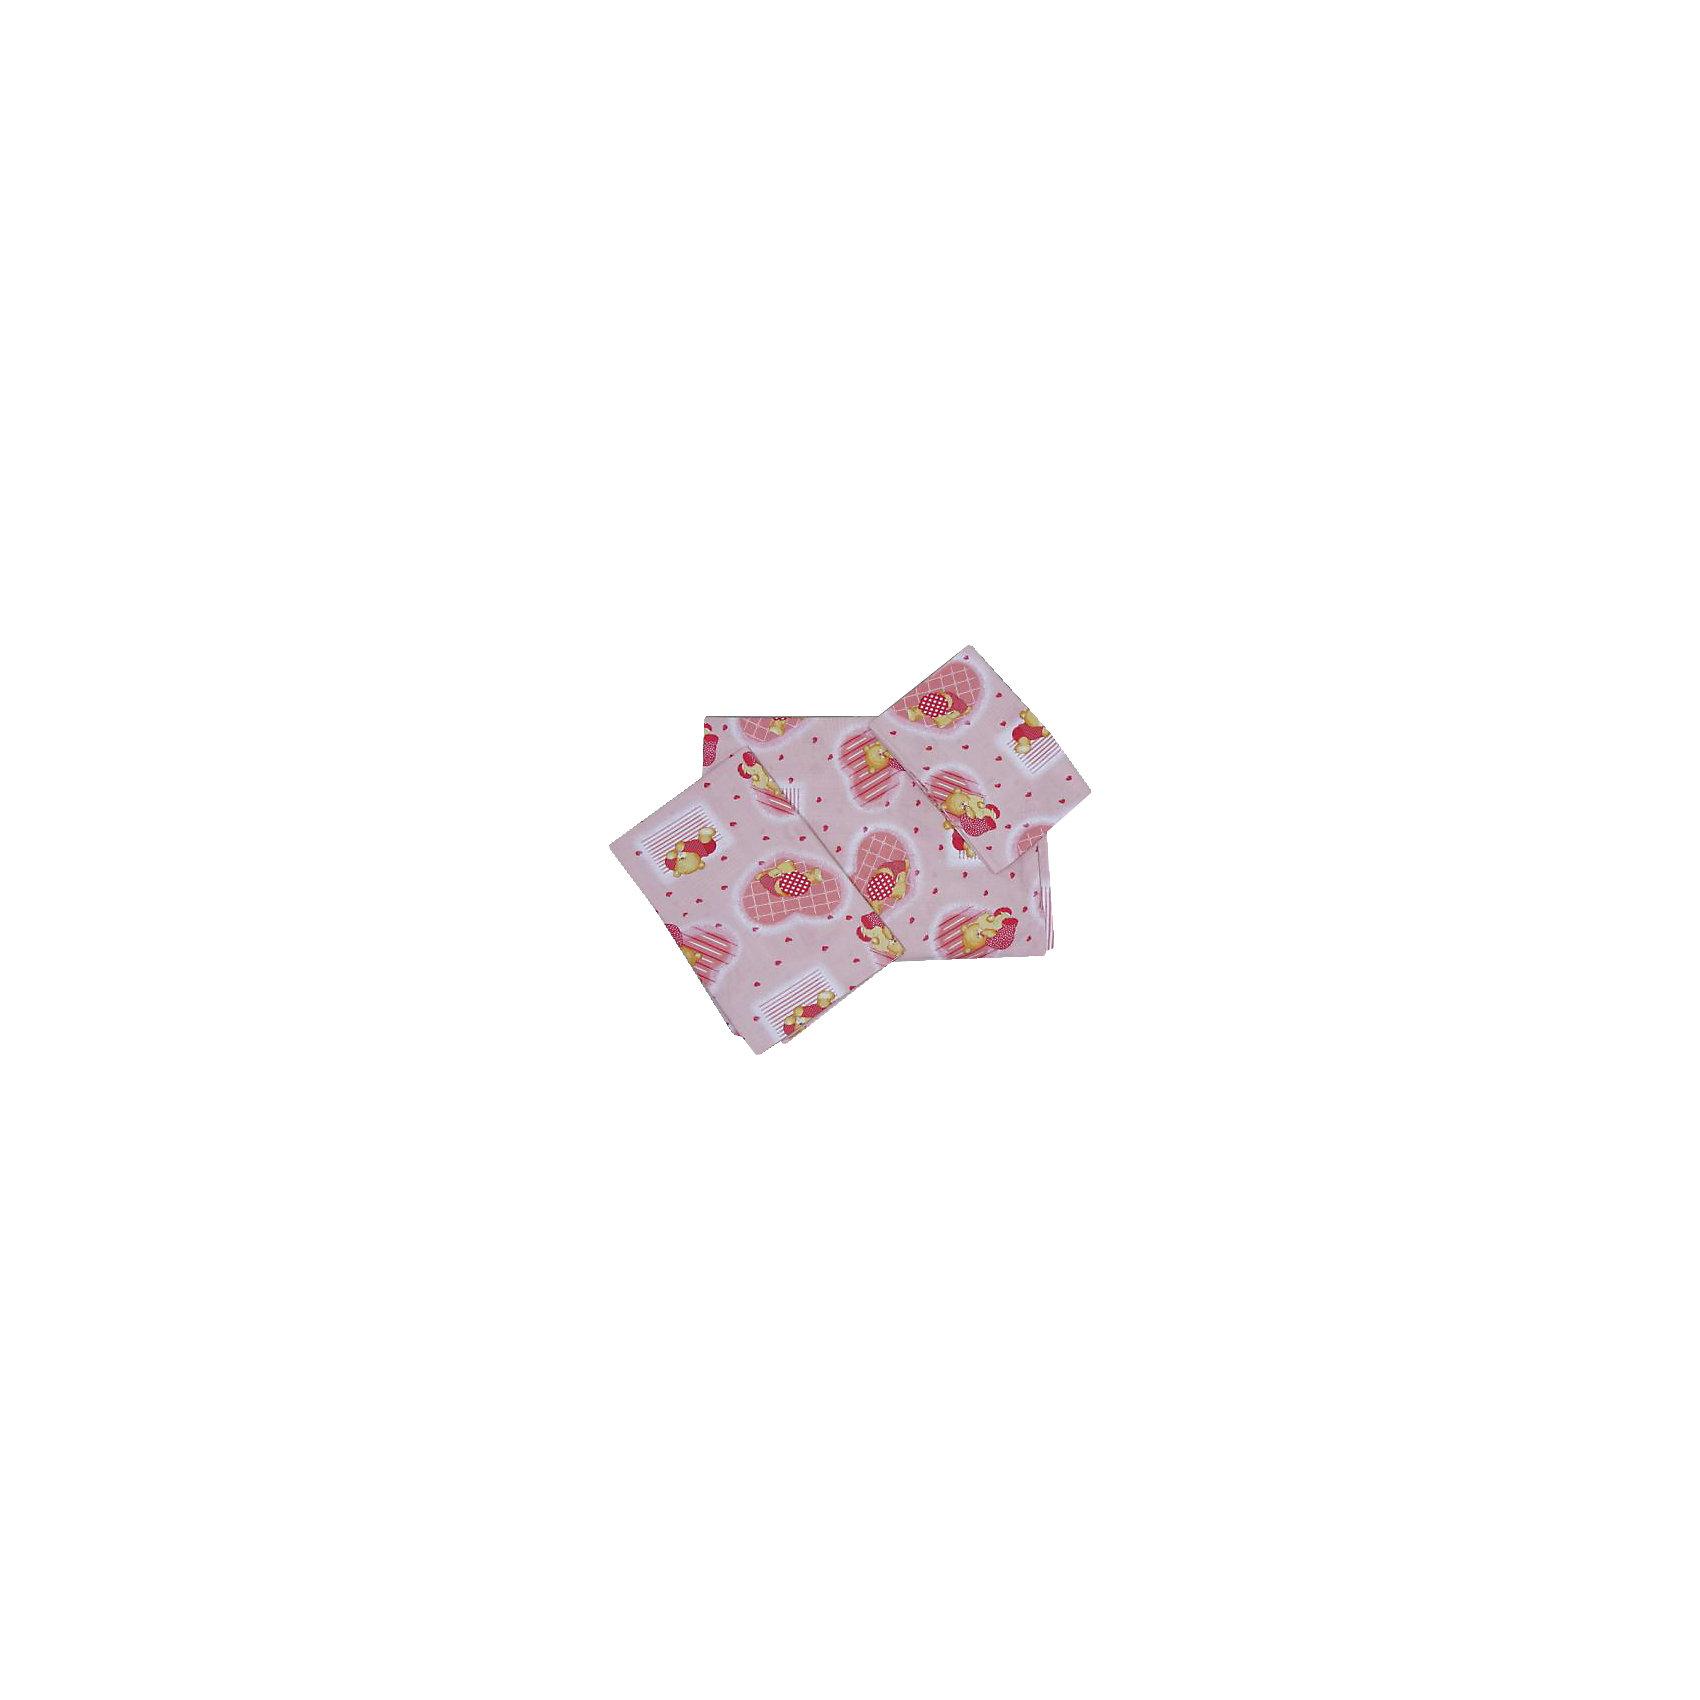 Наволочка Мишки 40х60 Фея, розовыйПостельное бельё<br>Наволочка выполнена из высококачественного гипоаллергенного материала приятного к телу и безопасного для детей. Изделие имеет приятную расцветку, декорировано милым принтом: может подойти к белью различной расцветки. <br><br>Дополнительная информация:<br><br>- Материал: хлопок 100%.<br>- Размер: 40х60 см. <br>- Цвет: розовый.<br>- Декоративные элементы: принт.<br><br>Наволочку Мишки 40х60 Фея, розовую, можно купить в нашем магазине.<br><br>Ширина мм: 300<br>Глубина мм: 400<br>Высота мм: 50<br>Вес г: 600<br>Возраст от месяцев: 0<br>Возраст до месяцев: 36<br>Пол: Женский<br>Возраст: Детский<br>SKU: 4067728